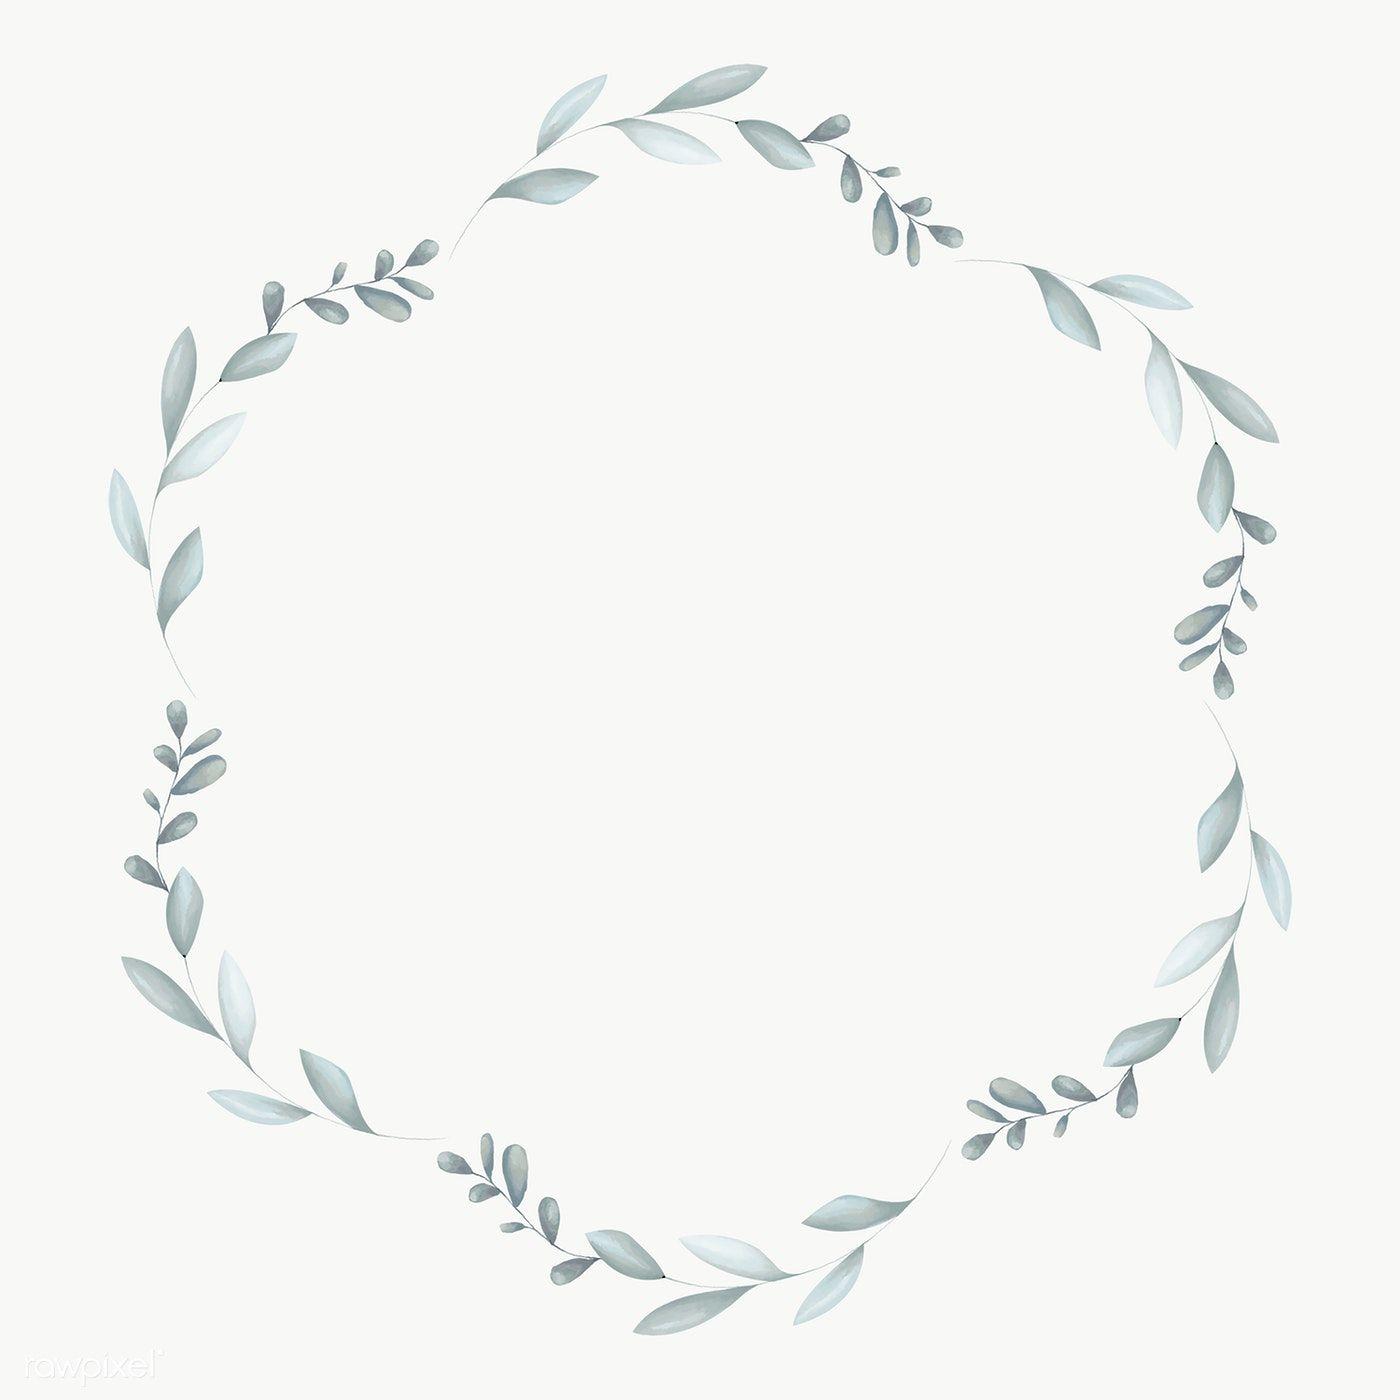 Hexagon Leafy Frame Social Ads Template Transparent Png Premium Image By Rawpixel Com Adj Flower Frame Png Floral Wreaths Illustration Frame Logo